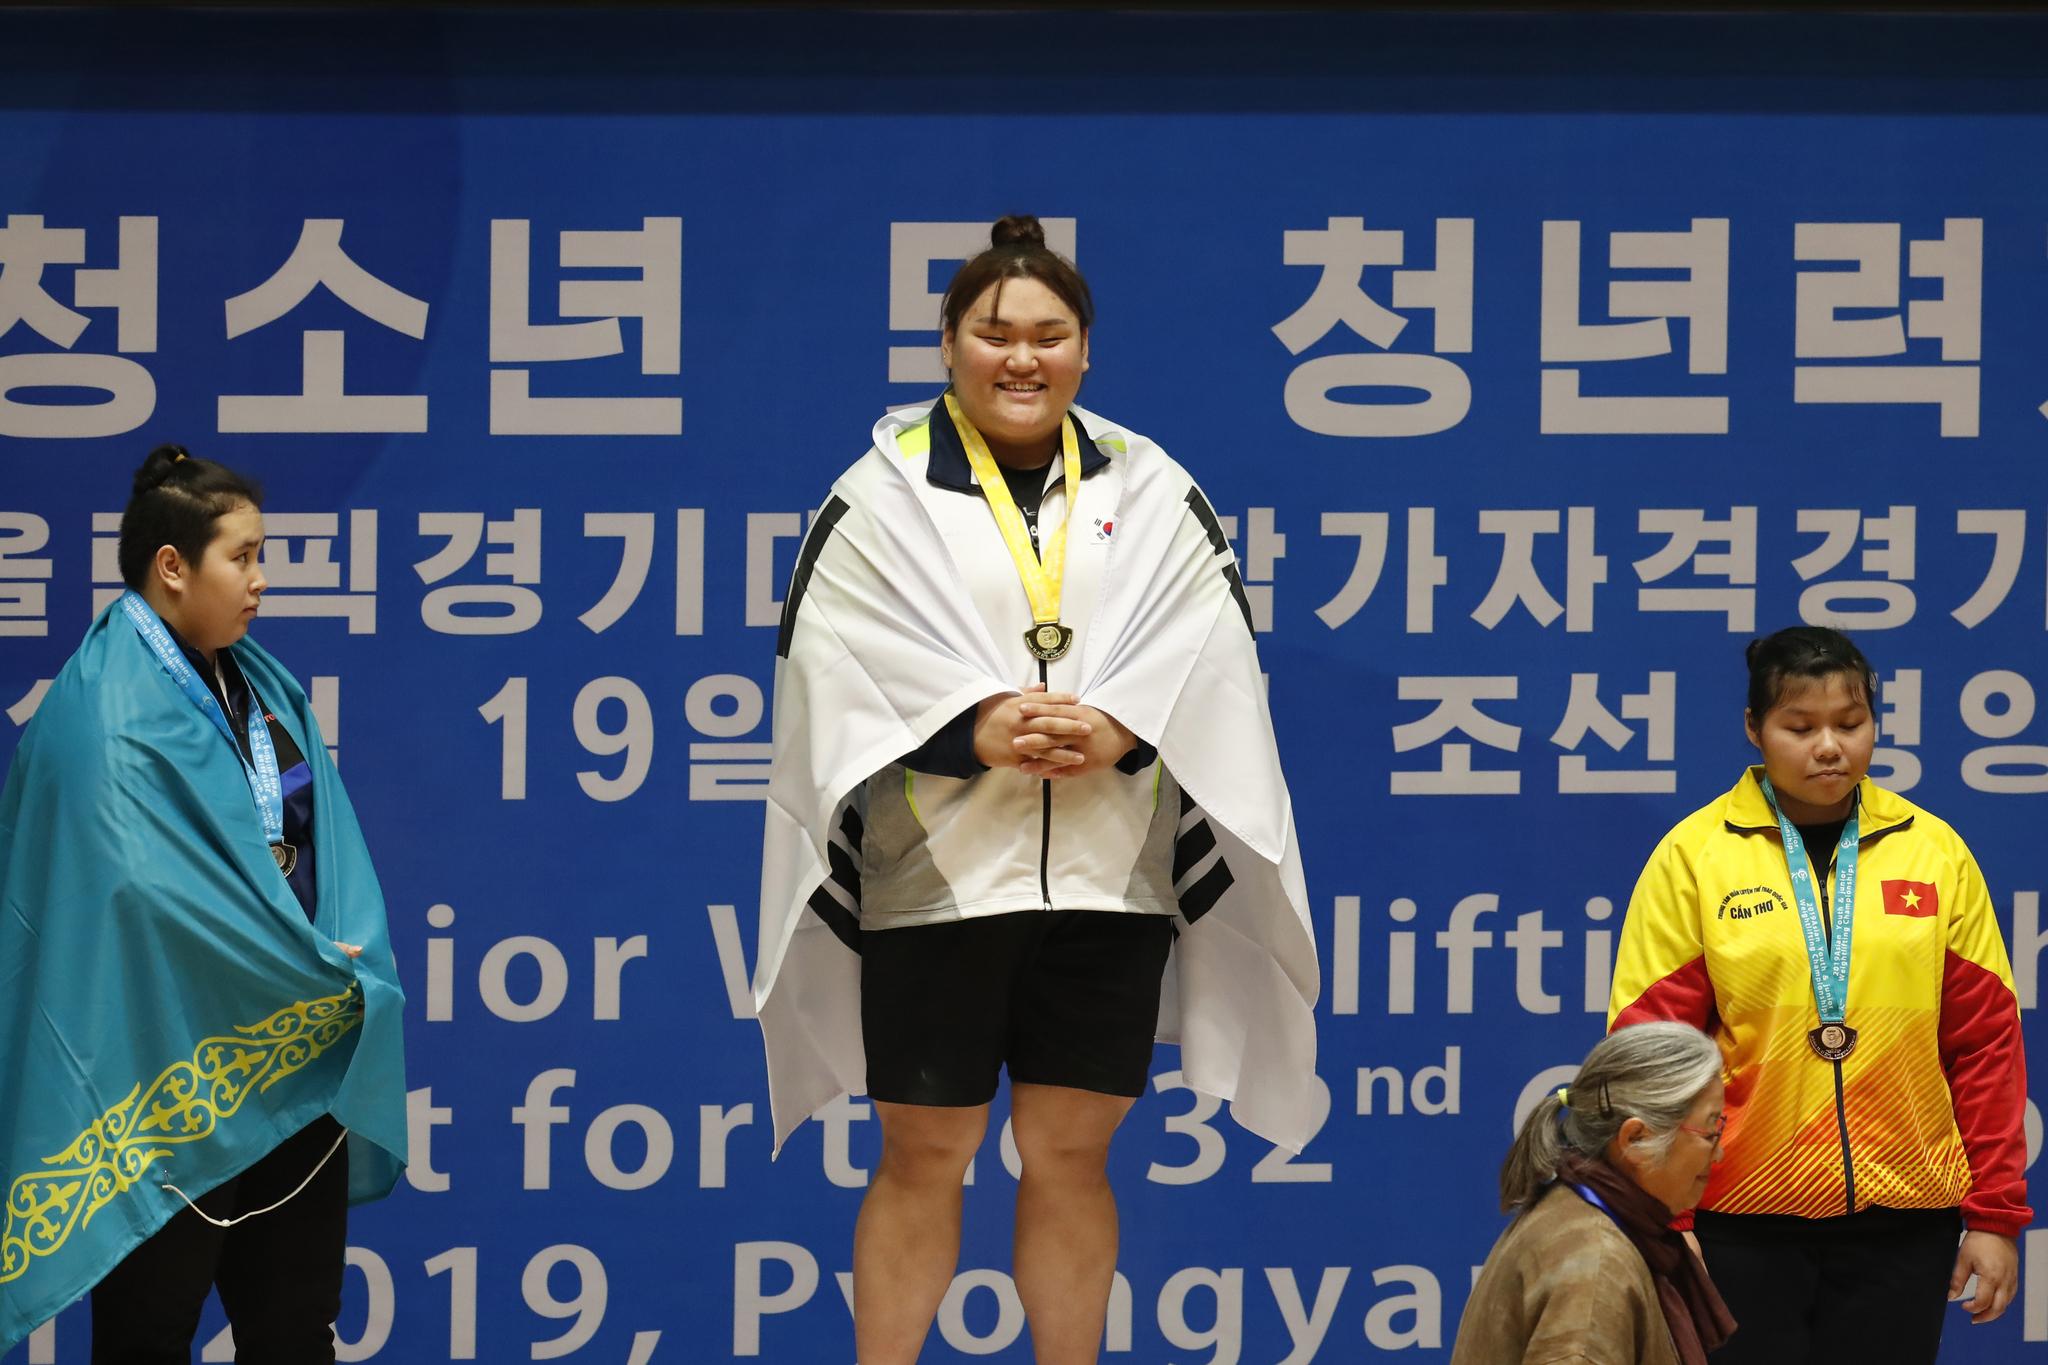 27일 오전 평양 청춘가역도전용경기장에서 열린 2019 아시아 유소년·주니어 역도선수권 대회 주니어 여자 87㎏급에 출전한 이선미가 시상식에서 금메달을 목에 걸은 채 웃고 있다. 사진공동취재단